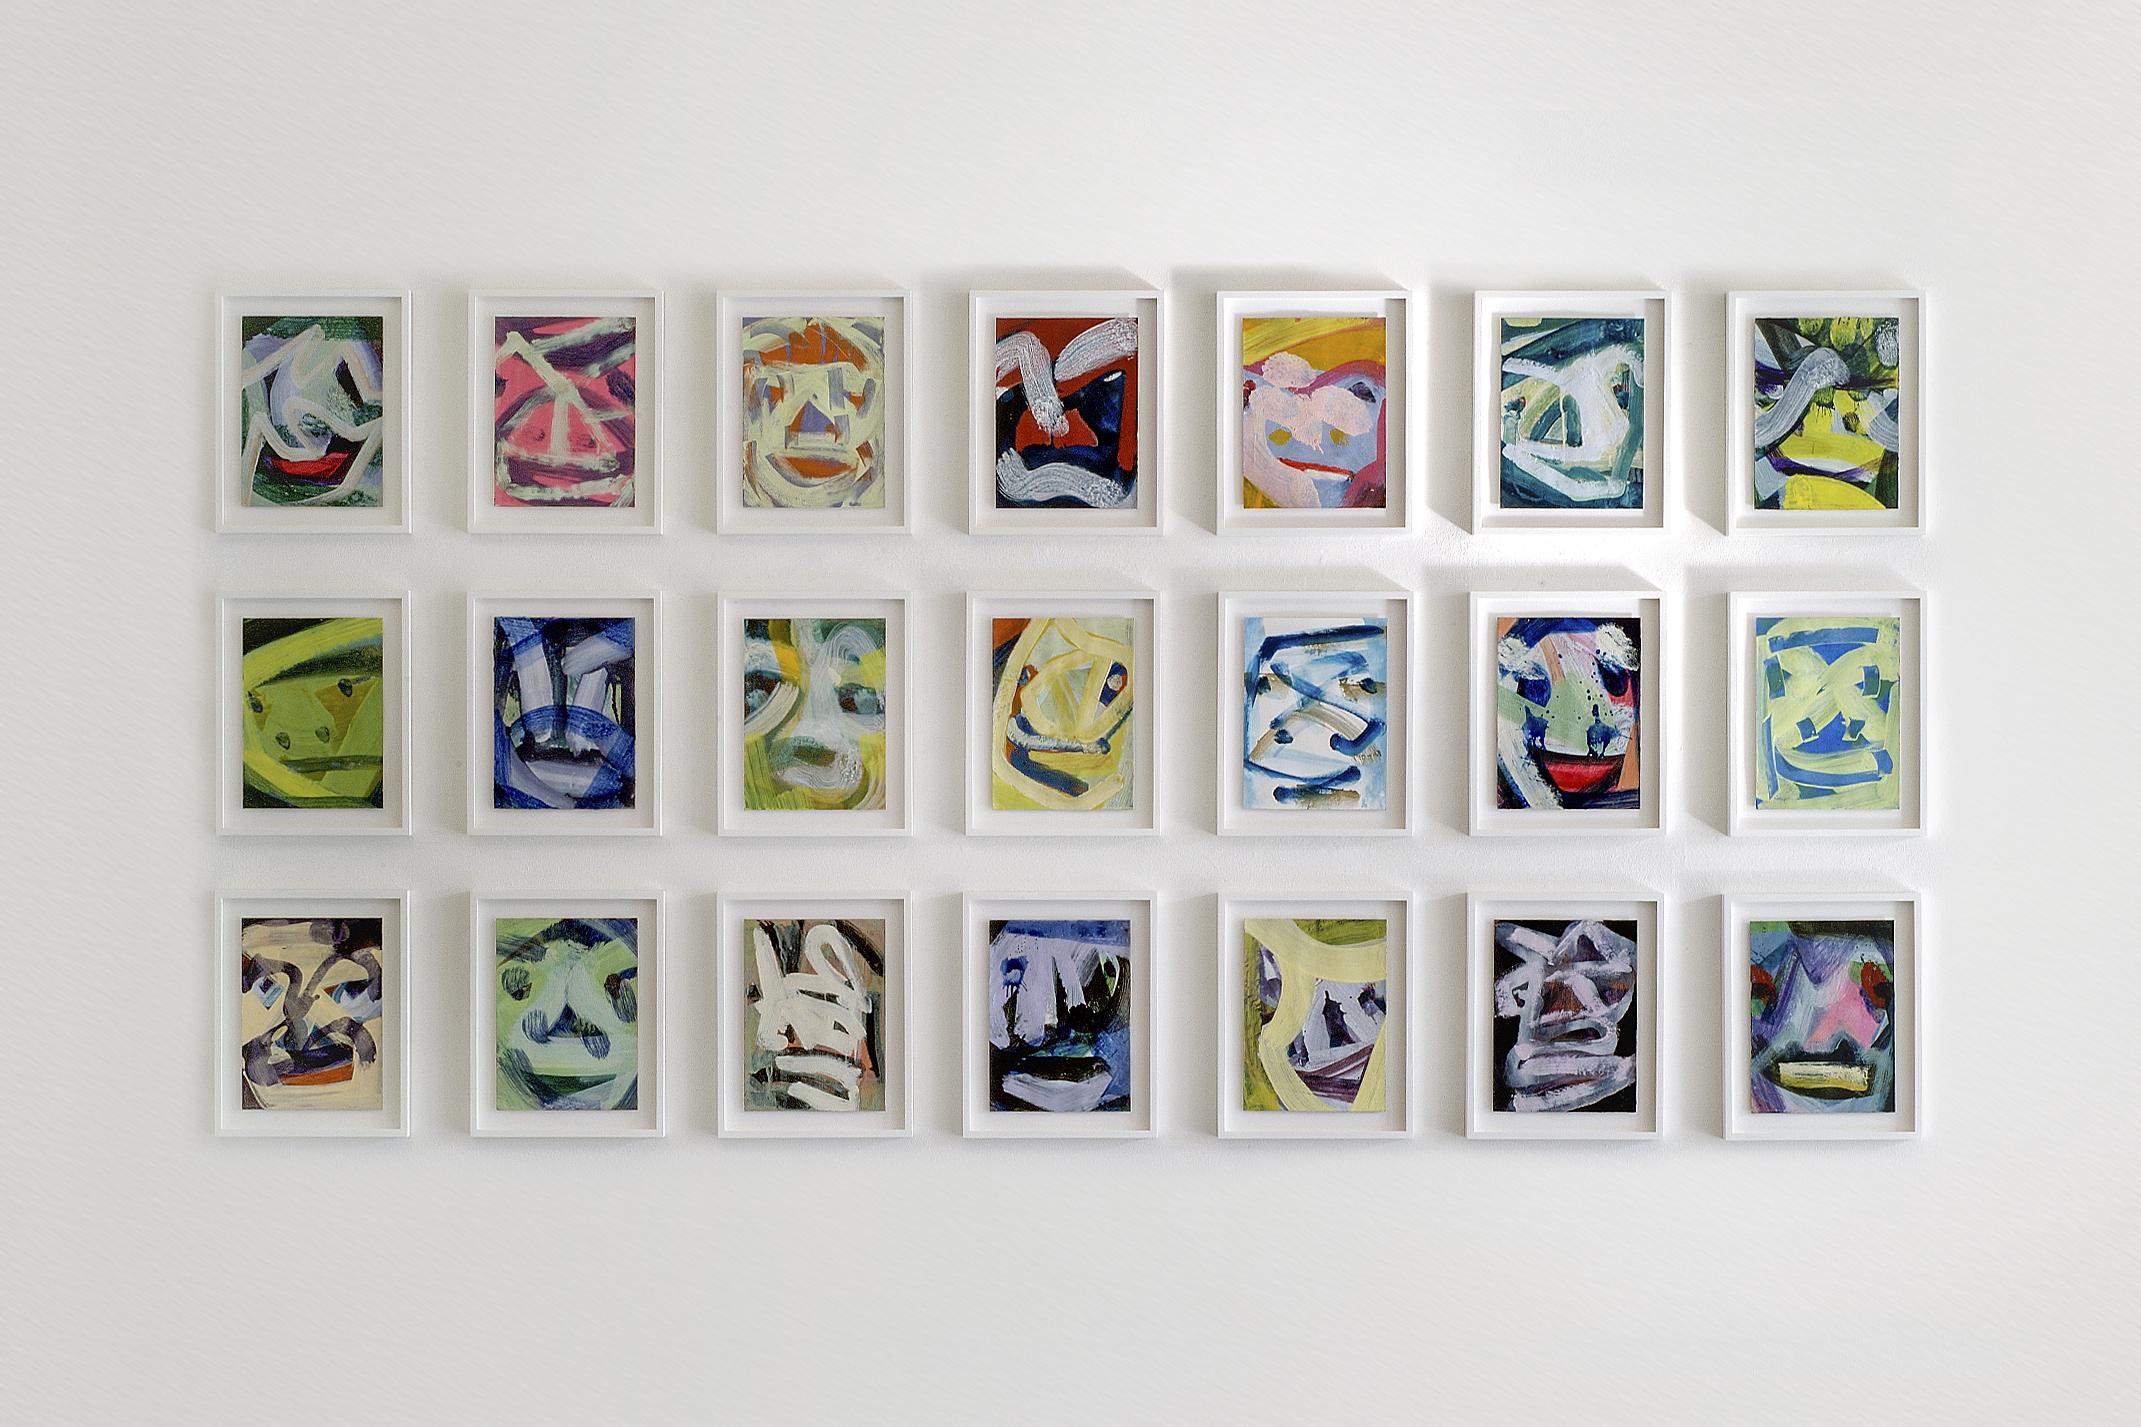 Robert-Zandvliet-Galerie-Onrust-EX_face_01.jpg